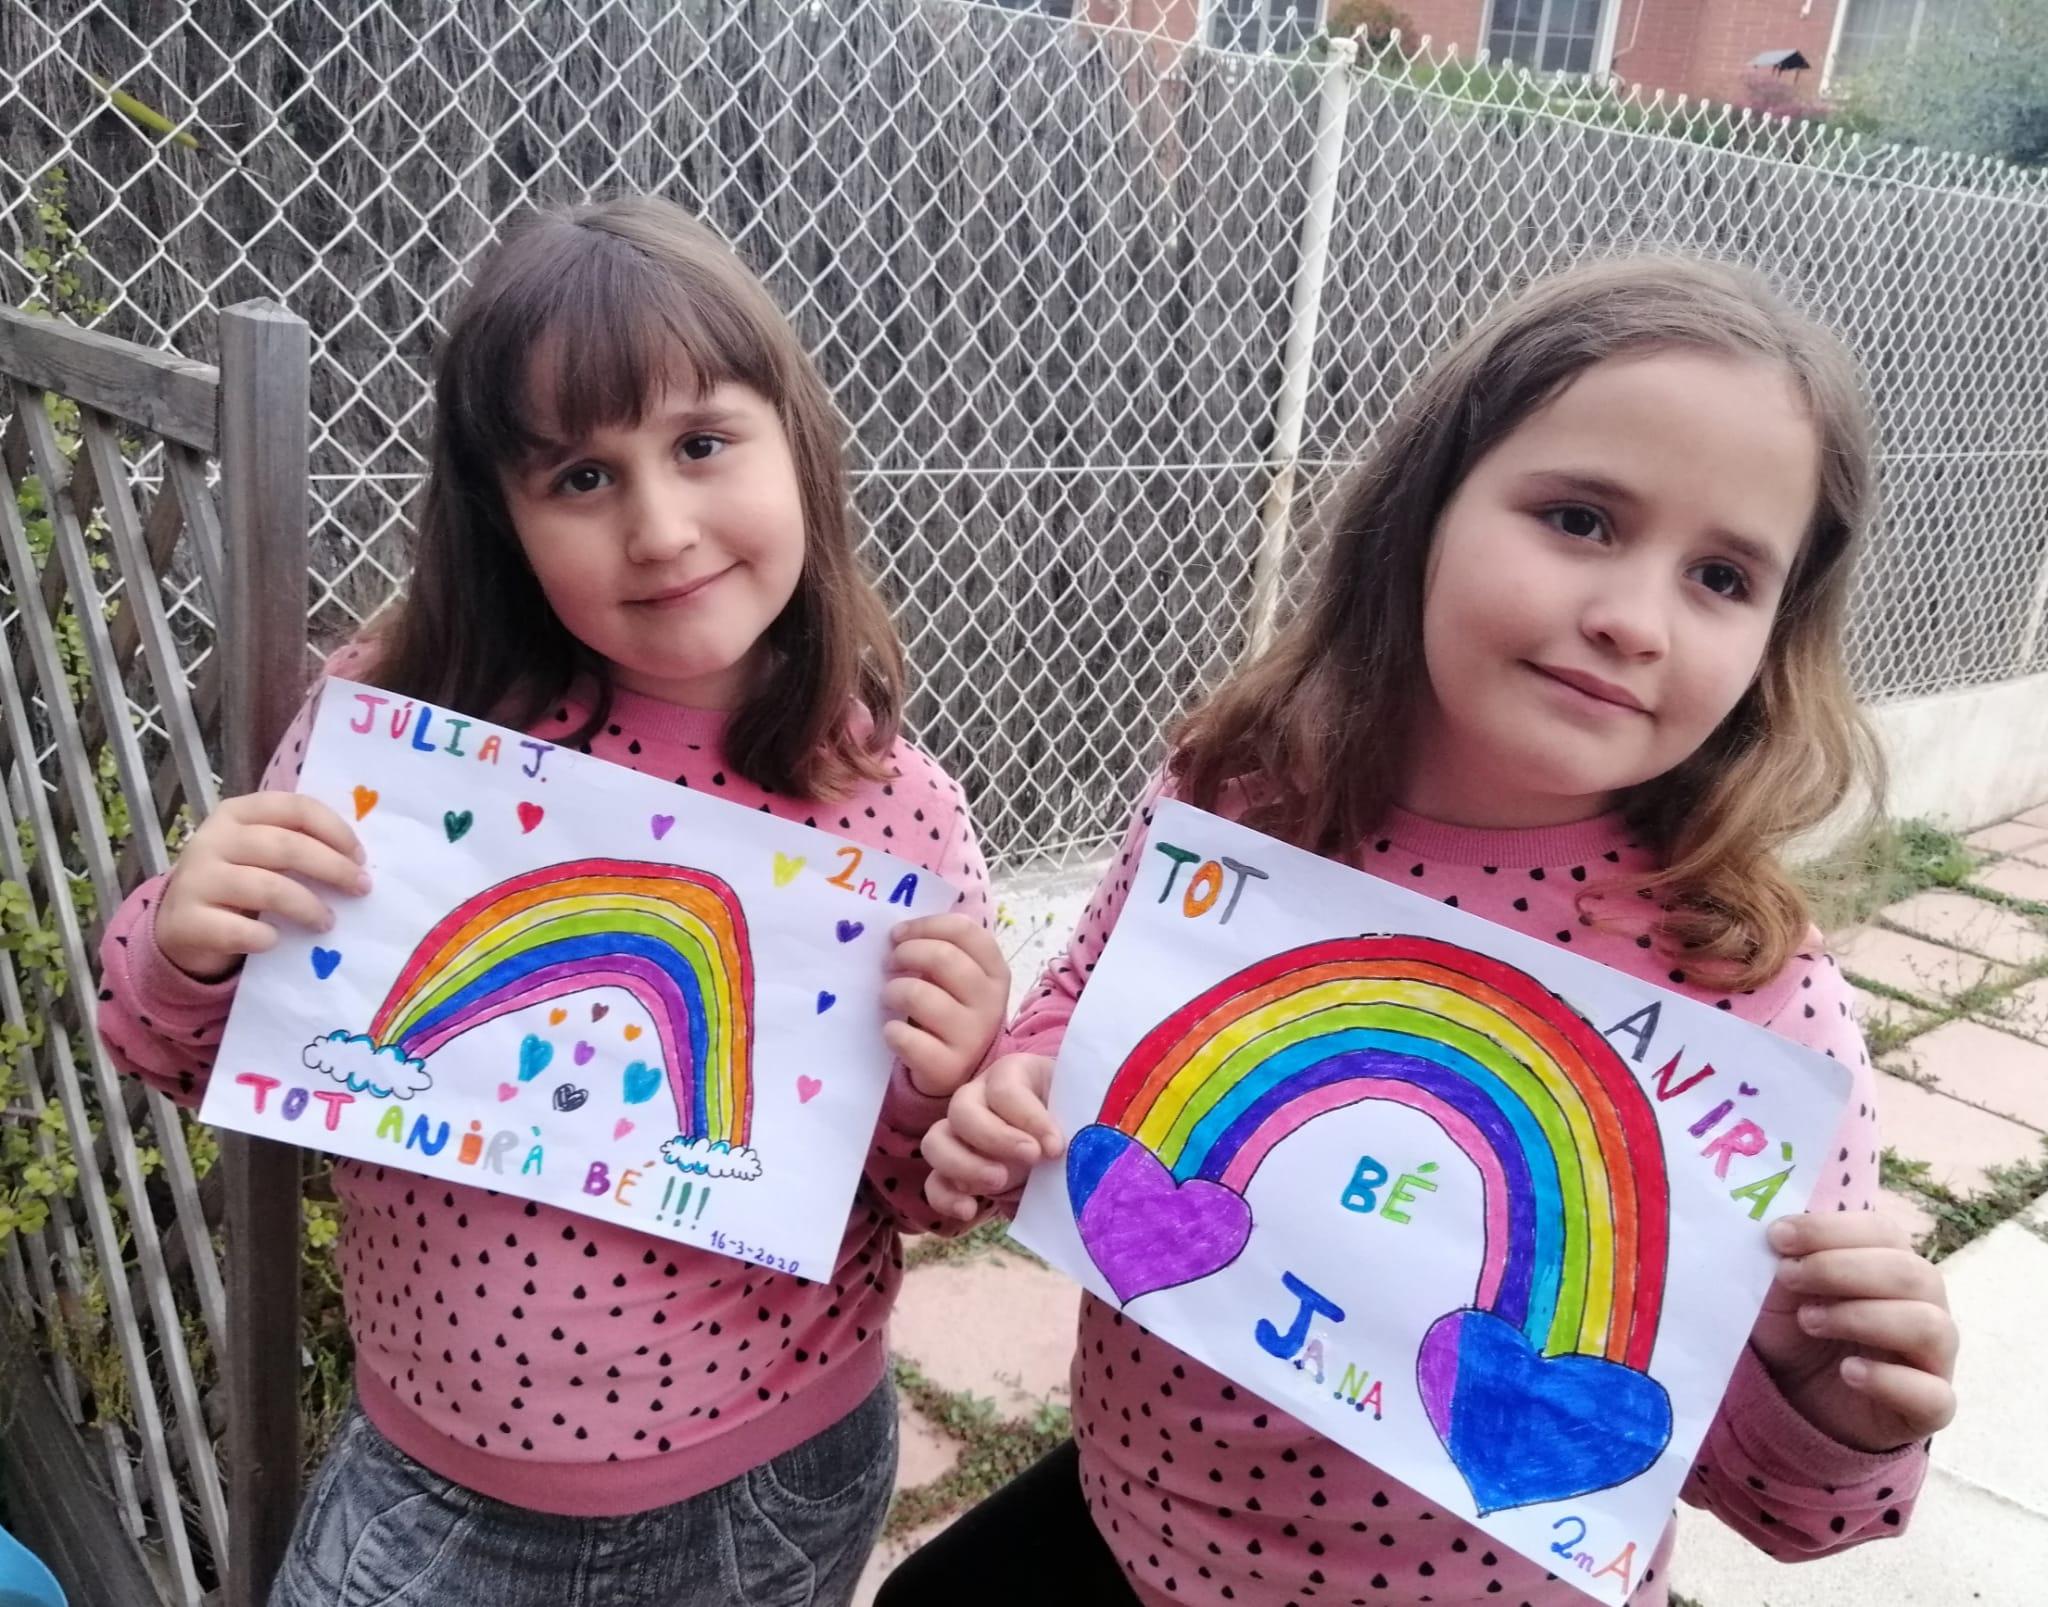 La Júlia i la Jana #esquedenacasa perquè #aquestviruslaturemunits